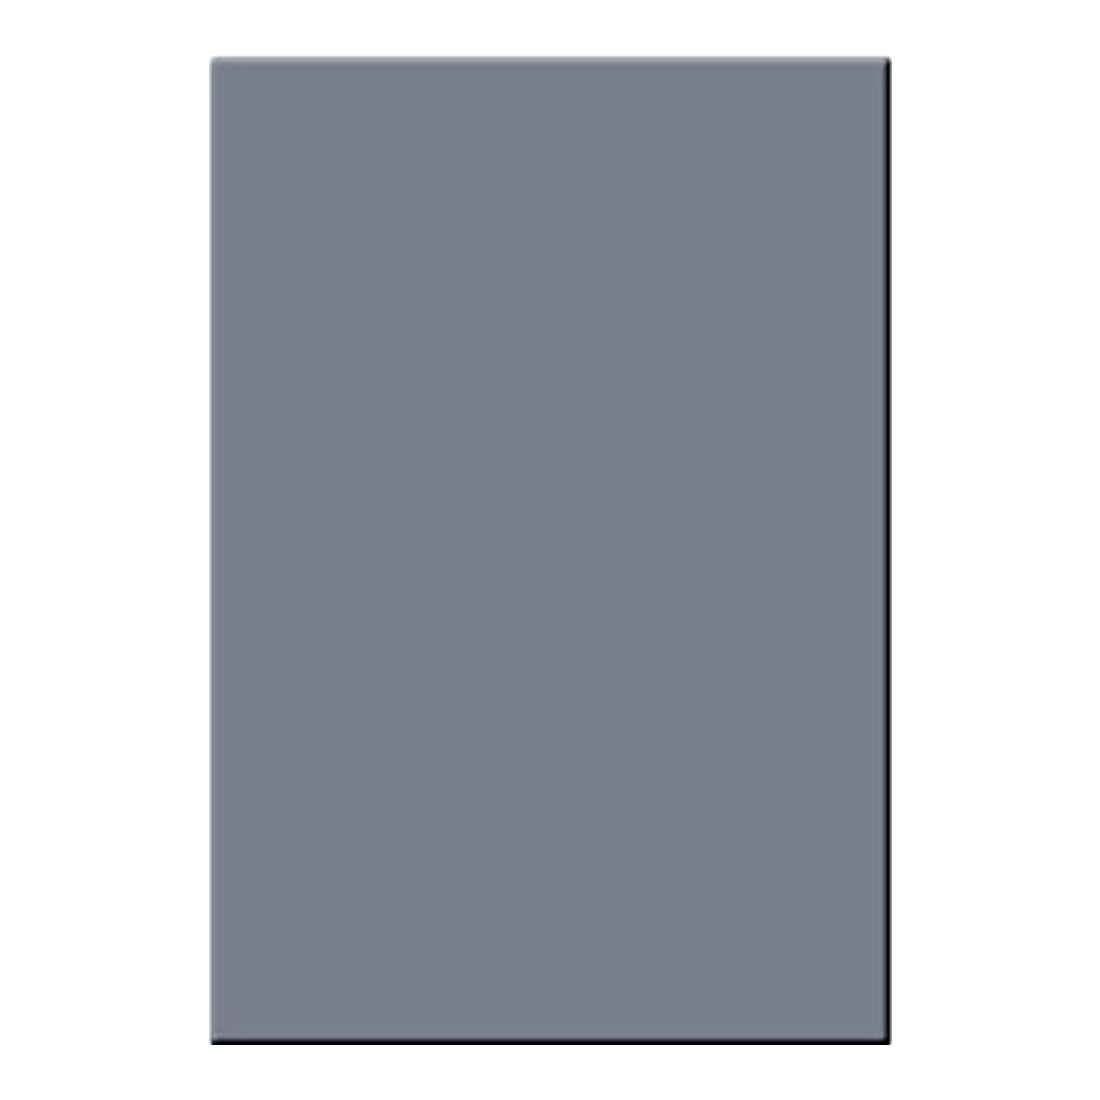 4×5.65″ Black Pro-Mist Filter Set